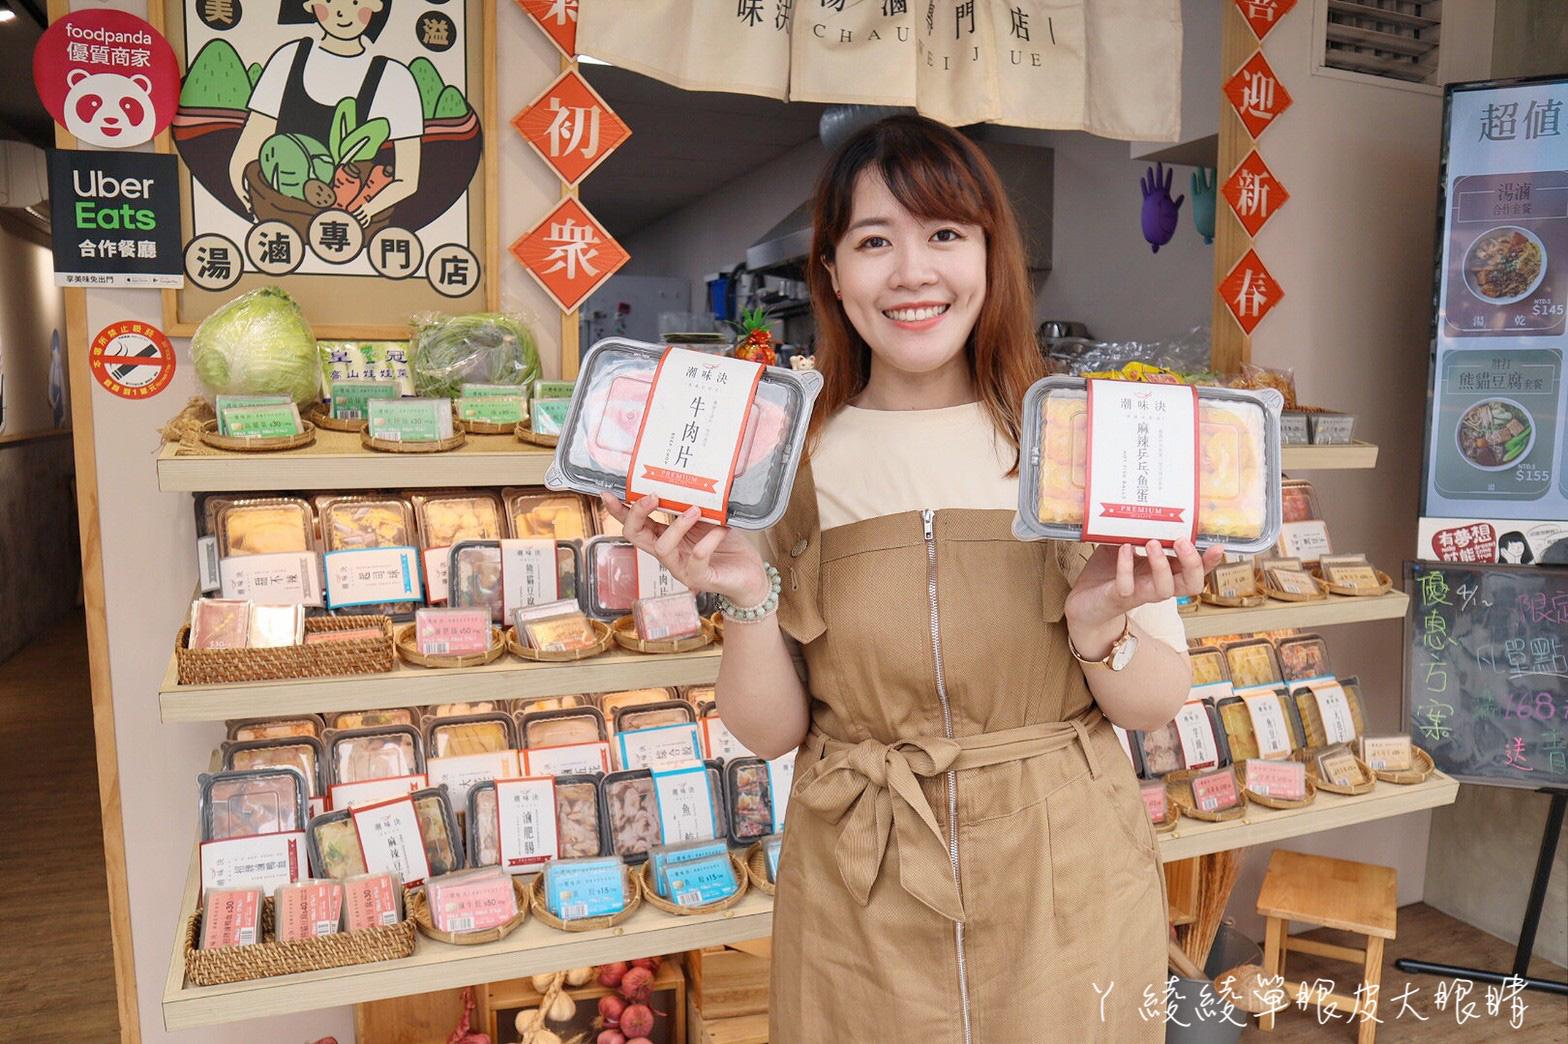 誤以為是火鍋超市的文青滷味店!五湯四乾經典滷味吃法,必吃熊貓豆腐跟麻辣韓國魚板